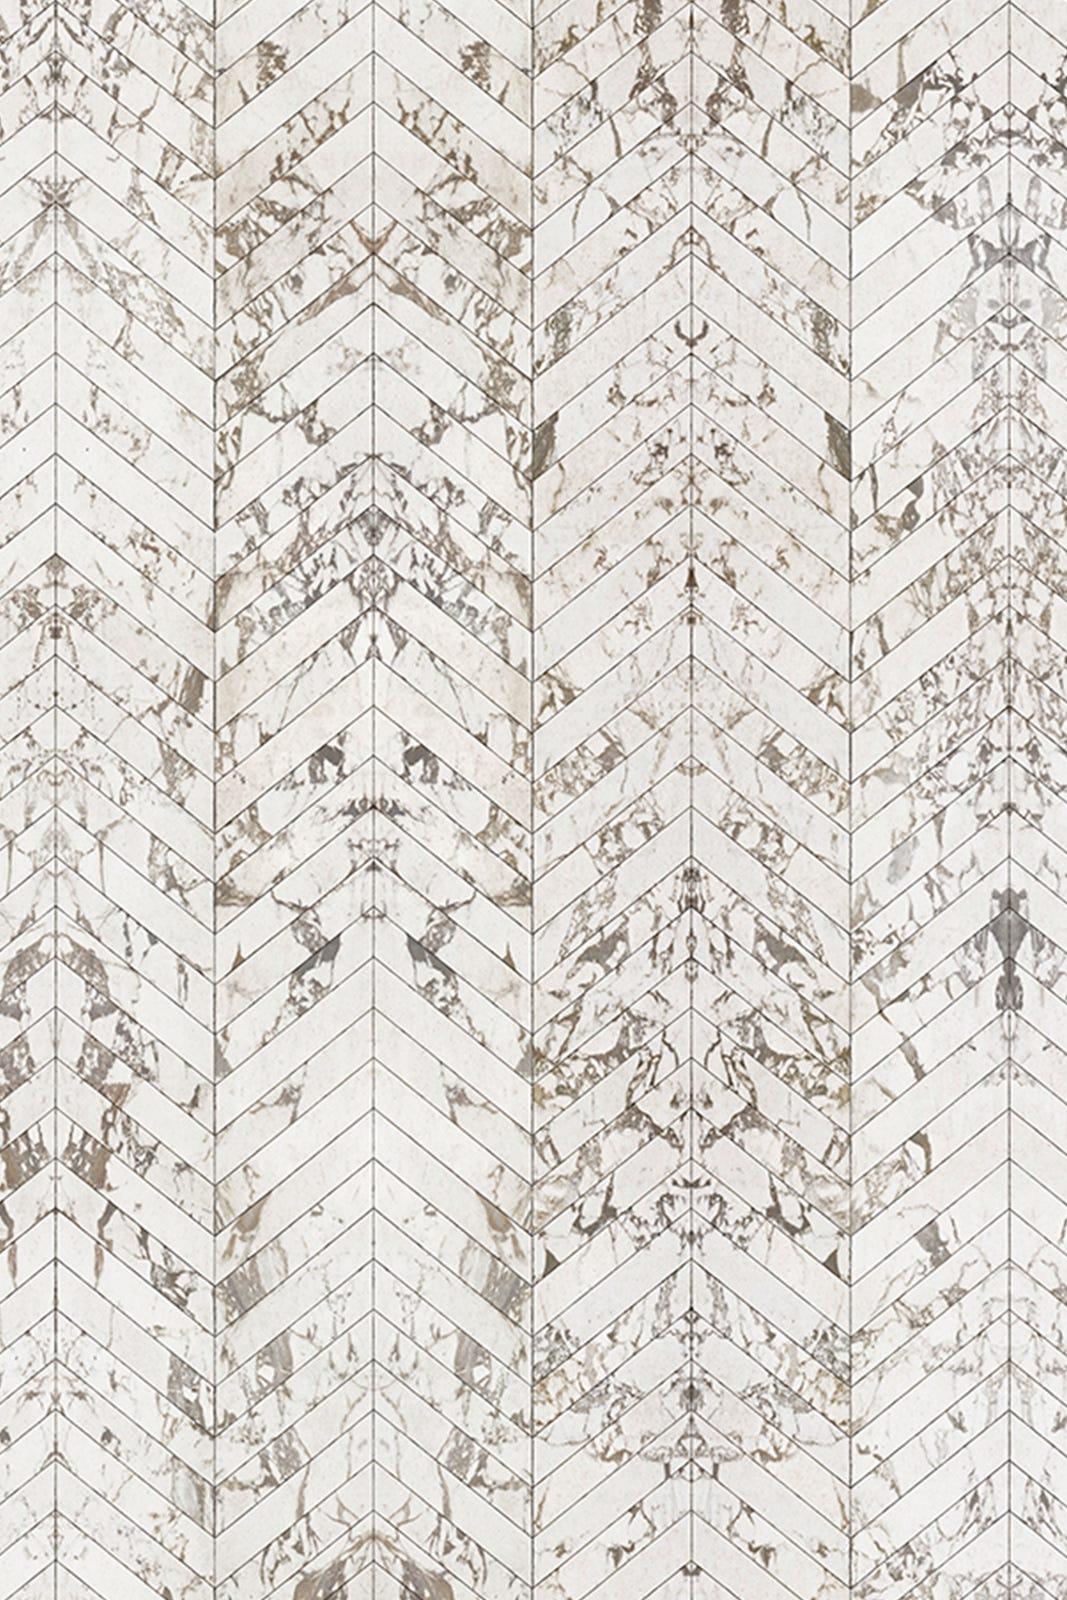 Great Wallpaper Marble Print - image  Gallery_463097.jpg